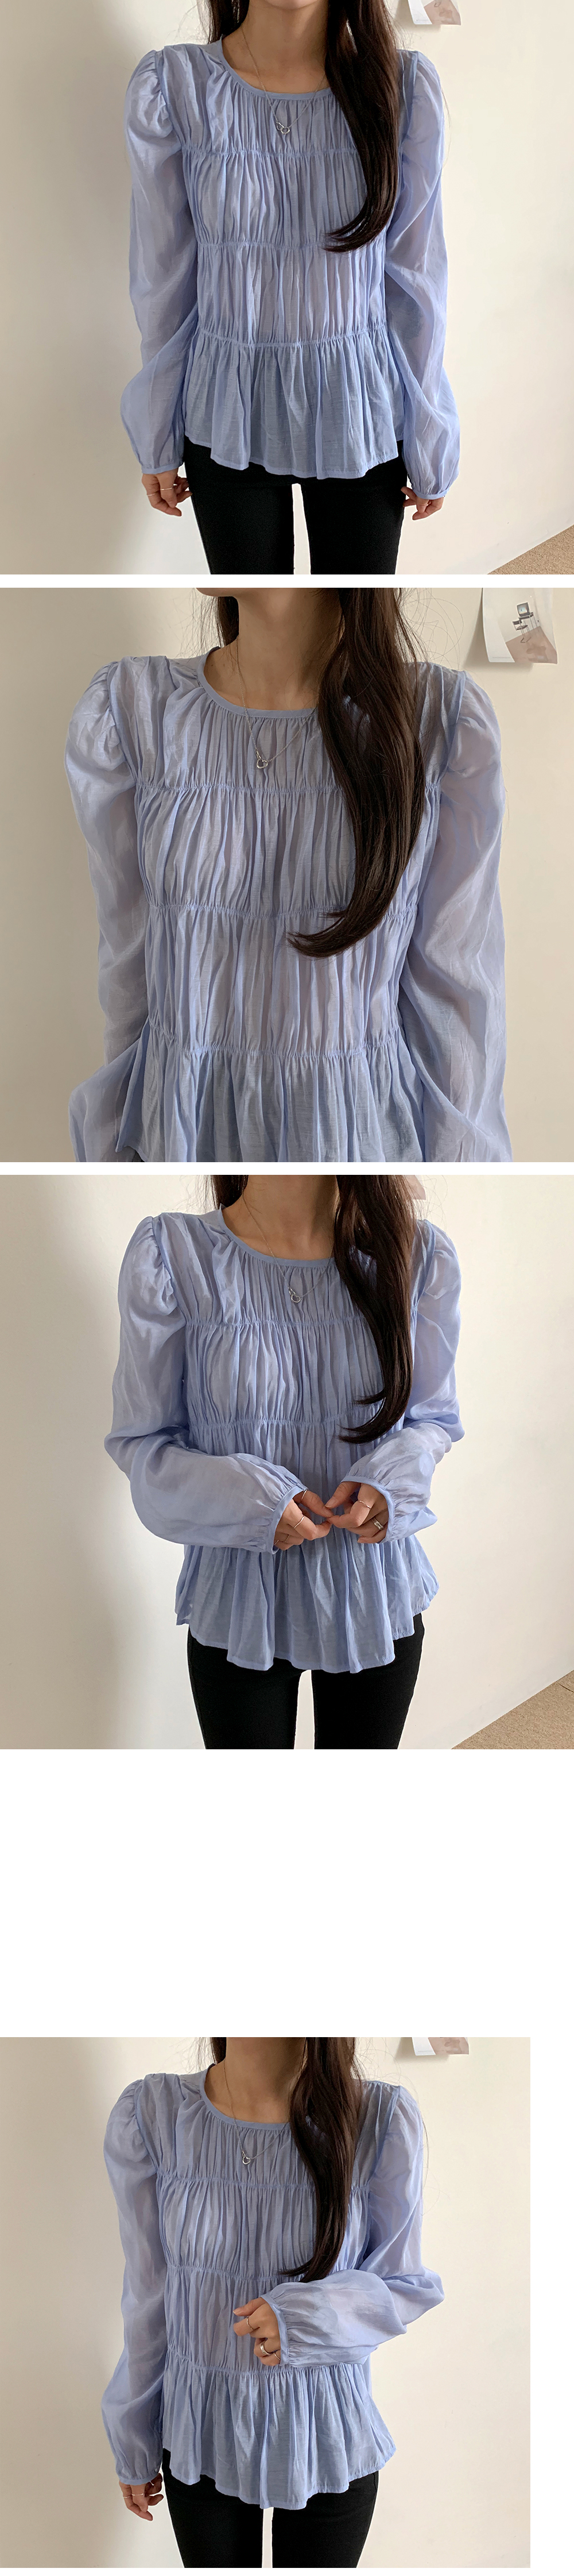 Hera wrinkle shirring blouse